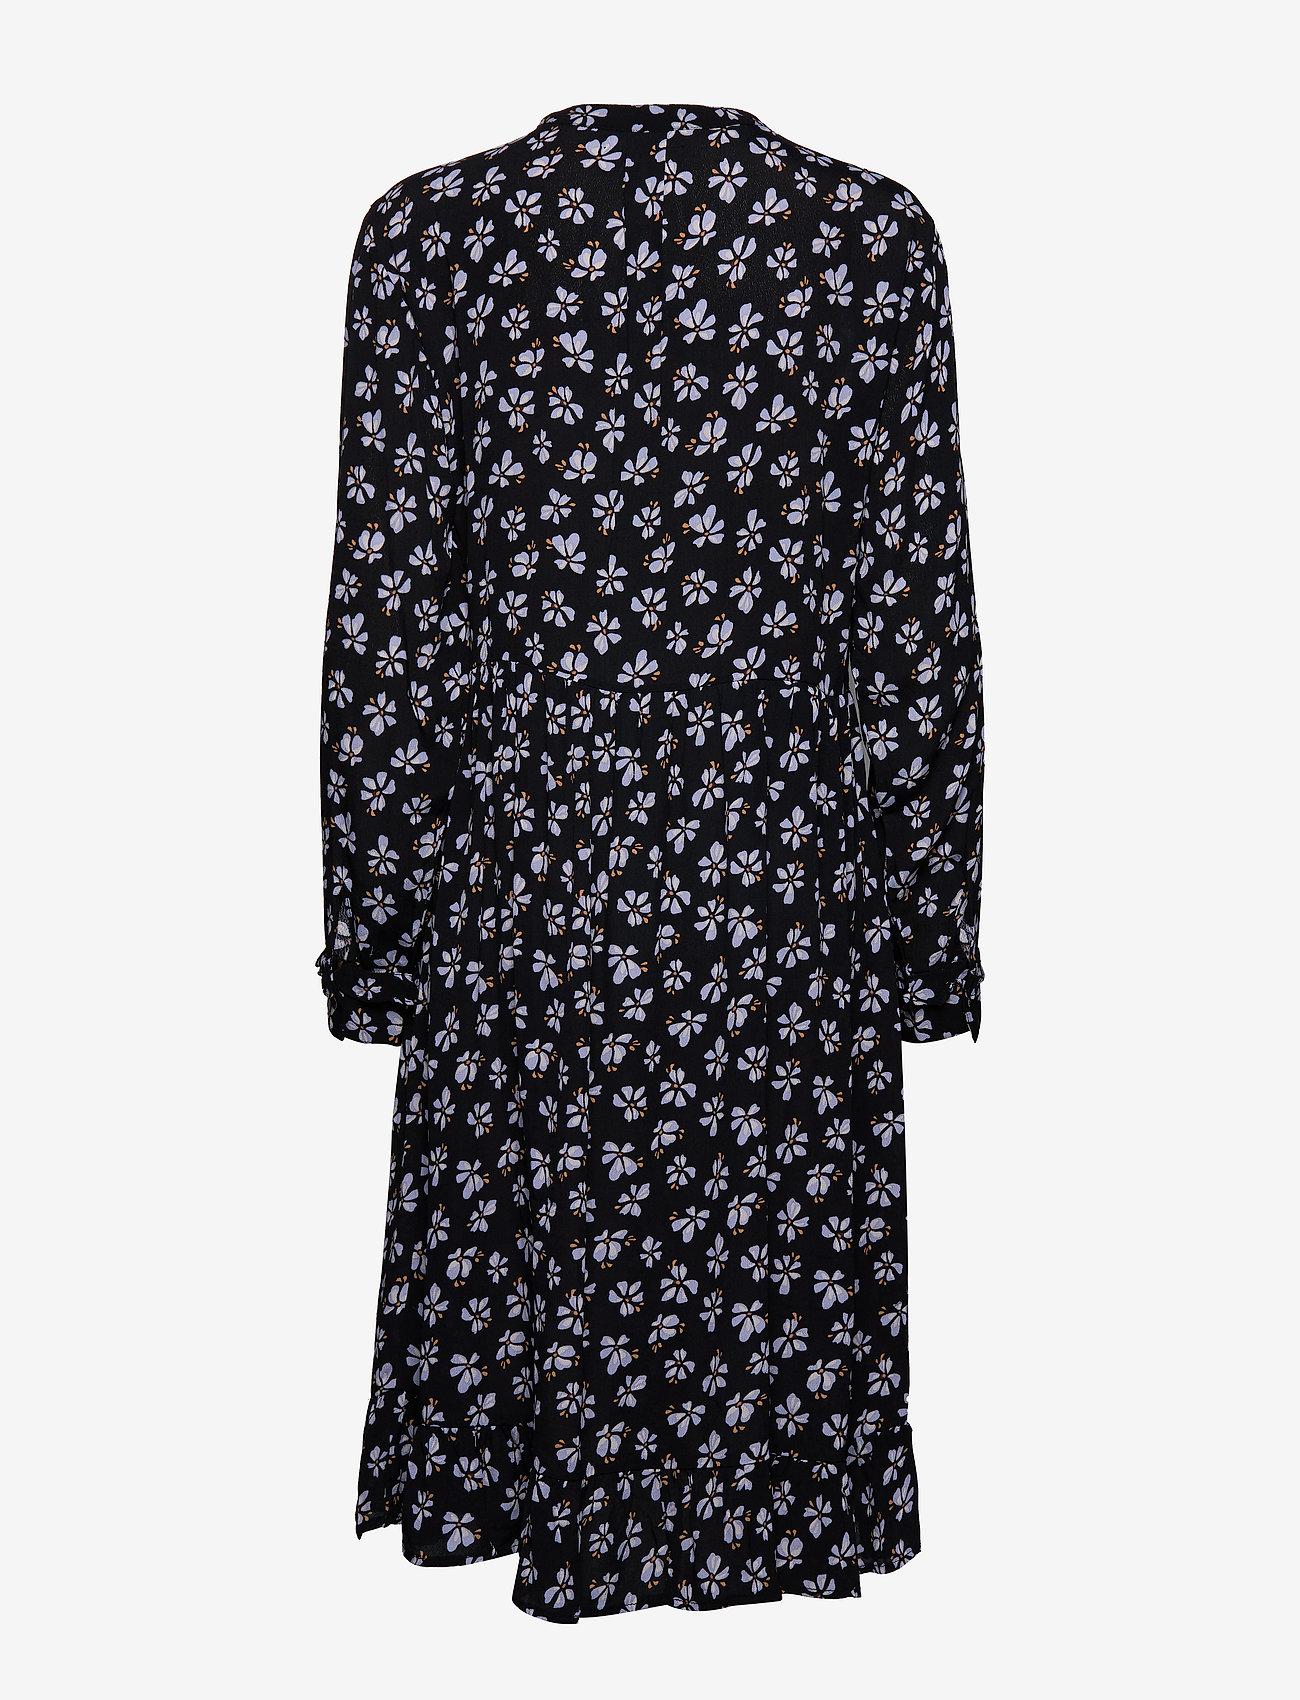 Maia Dress (Black) - nué notes 9zdWOS